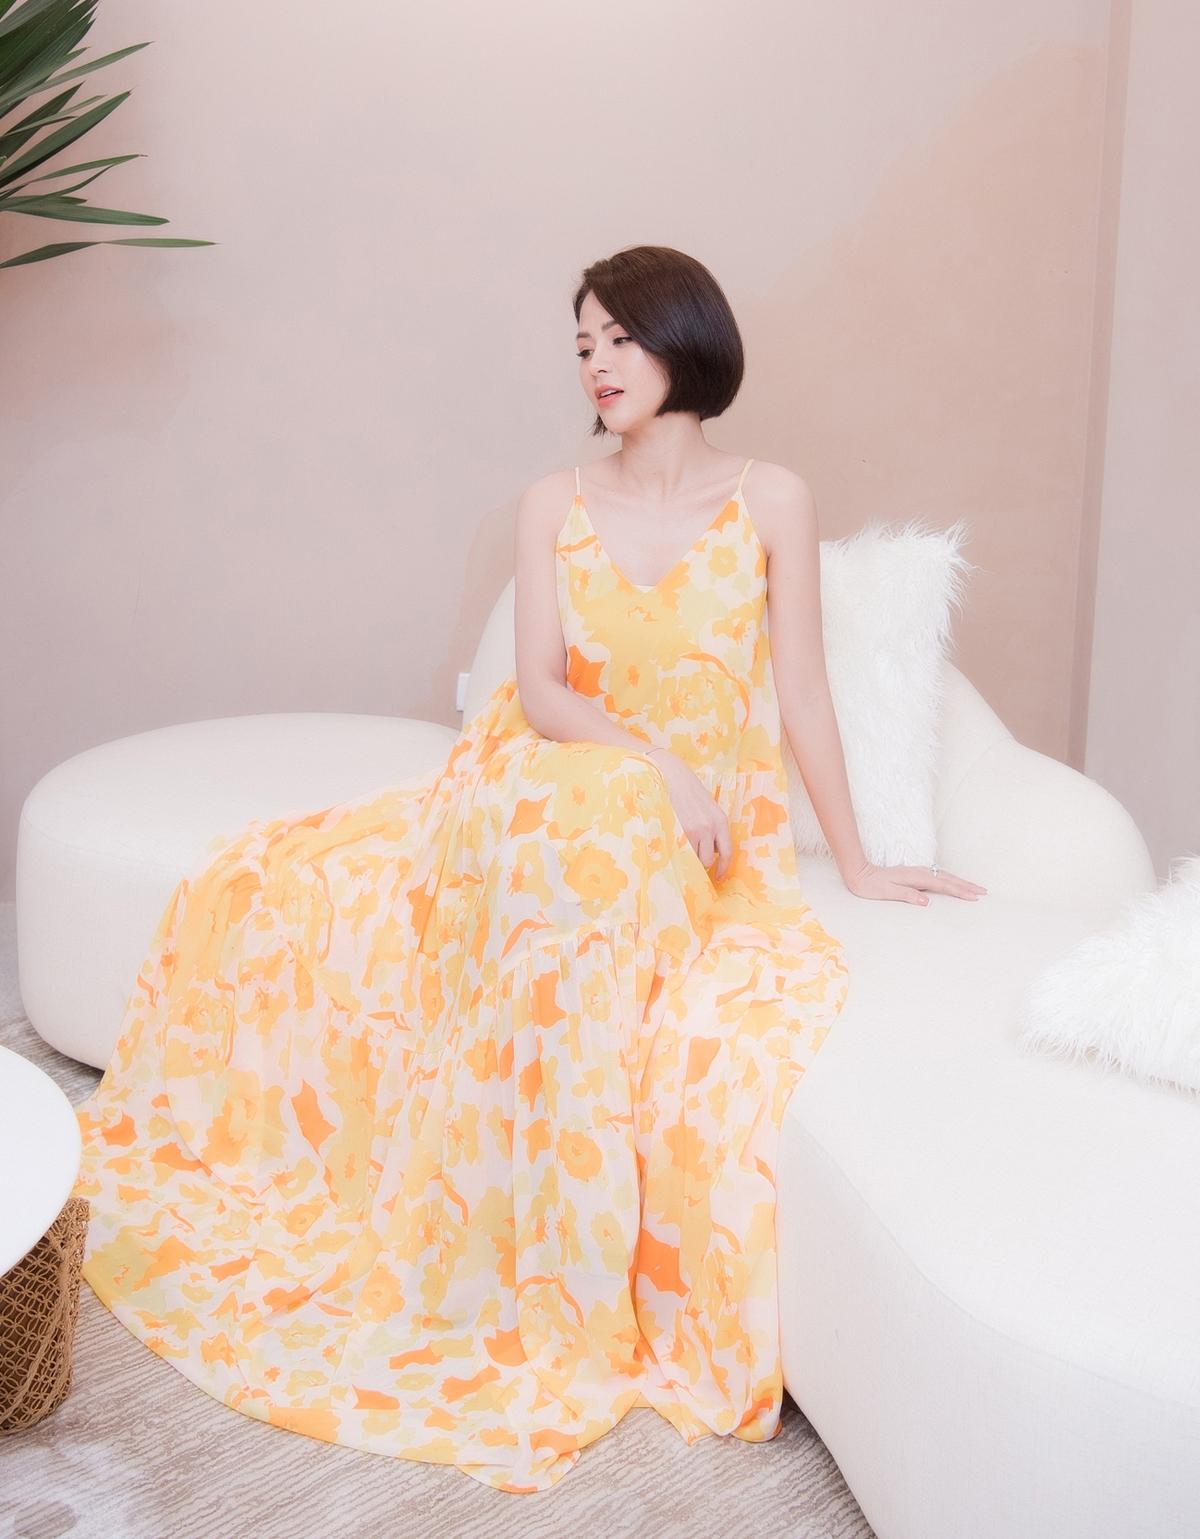 Người đẹp Hướng dương ngược nắng tỏa sáng với mẫu váy hai dây dáng maxi, màu sắc rực rỡ, nổi bật. Sau nhiều bộ phim truyền hình thành công, Lương Thu Trang ngày càng được chú ý và đắt show hơn.